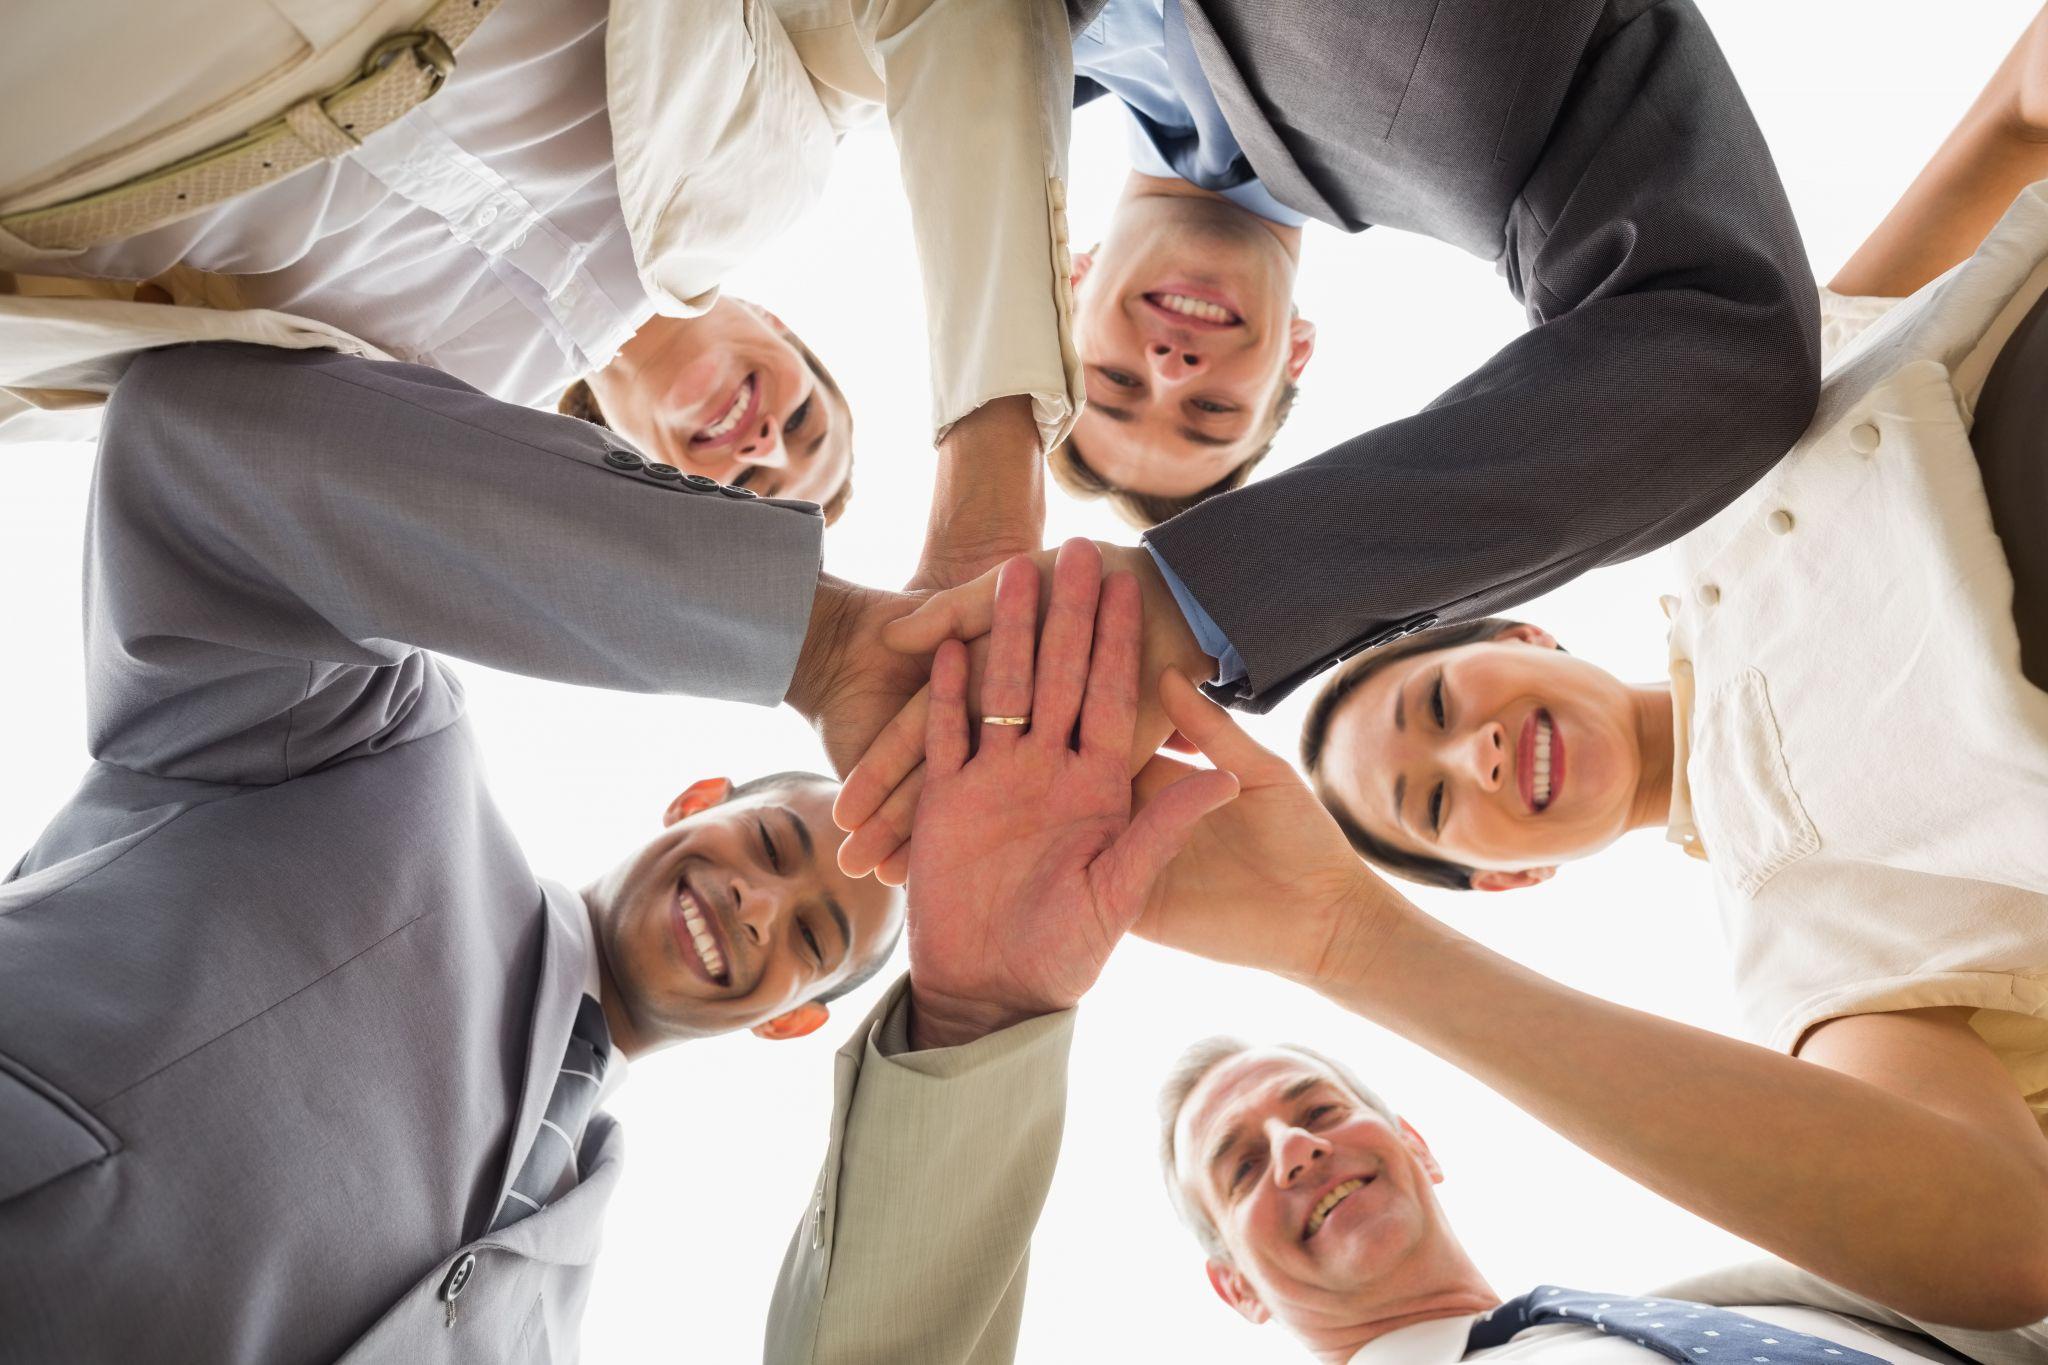 En temel düzeyde, güçlü liderlik motivasyonu bir ekibin veya şirketin hedeflerine ulaşmasını sağlar.